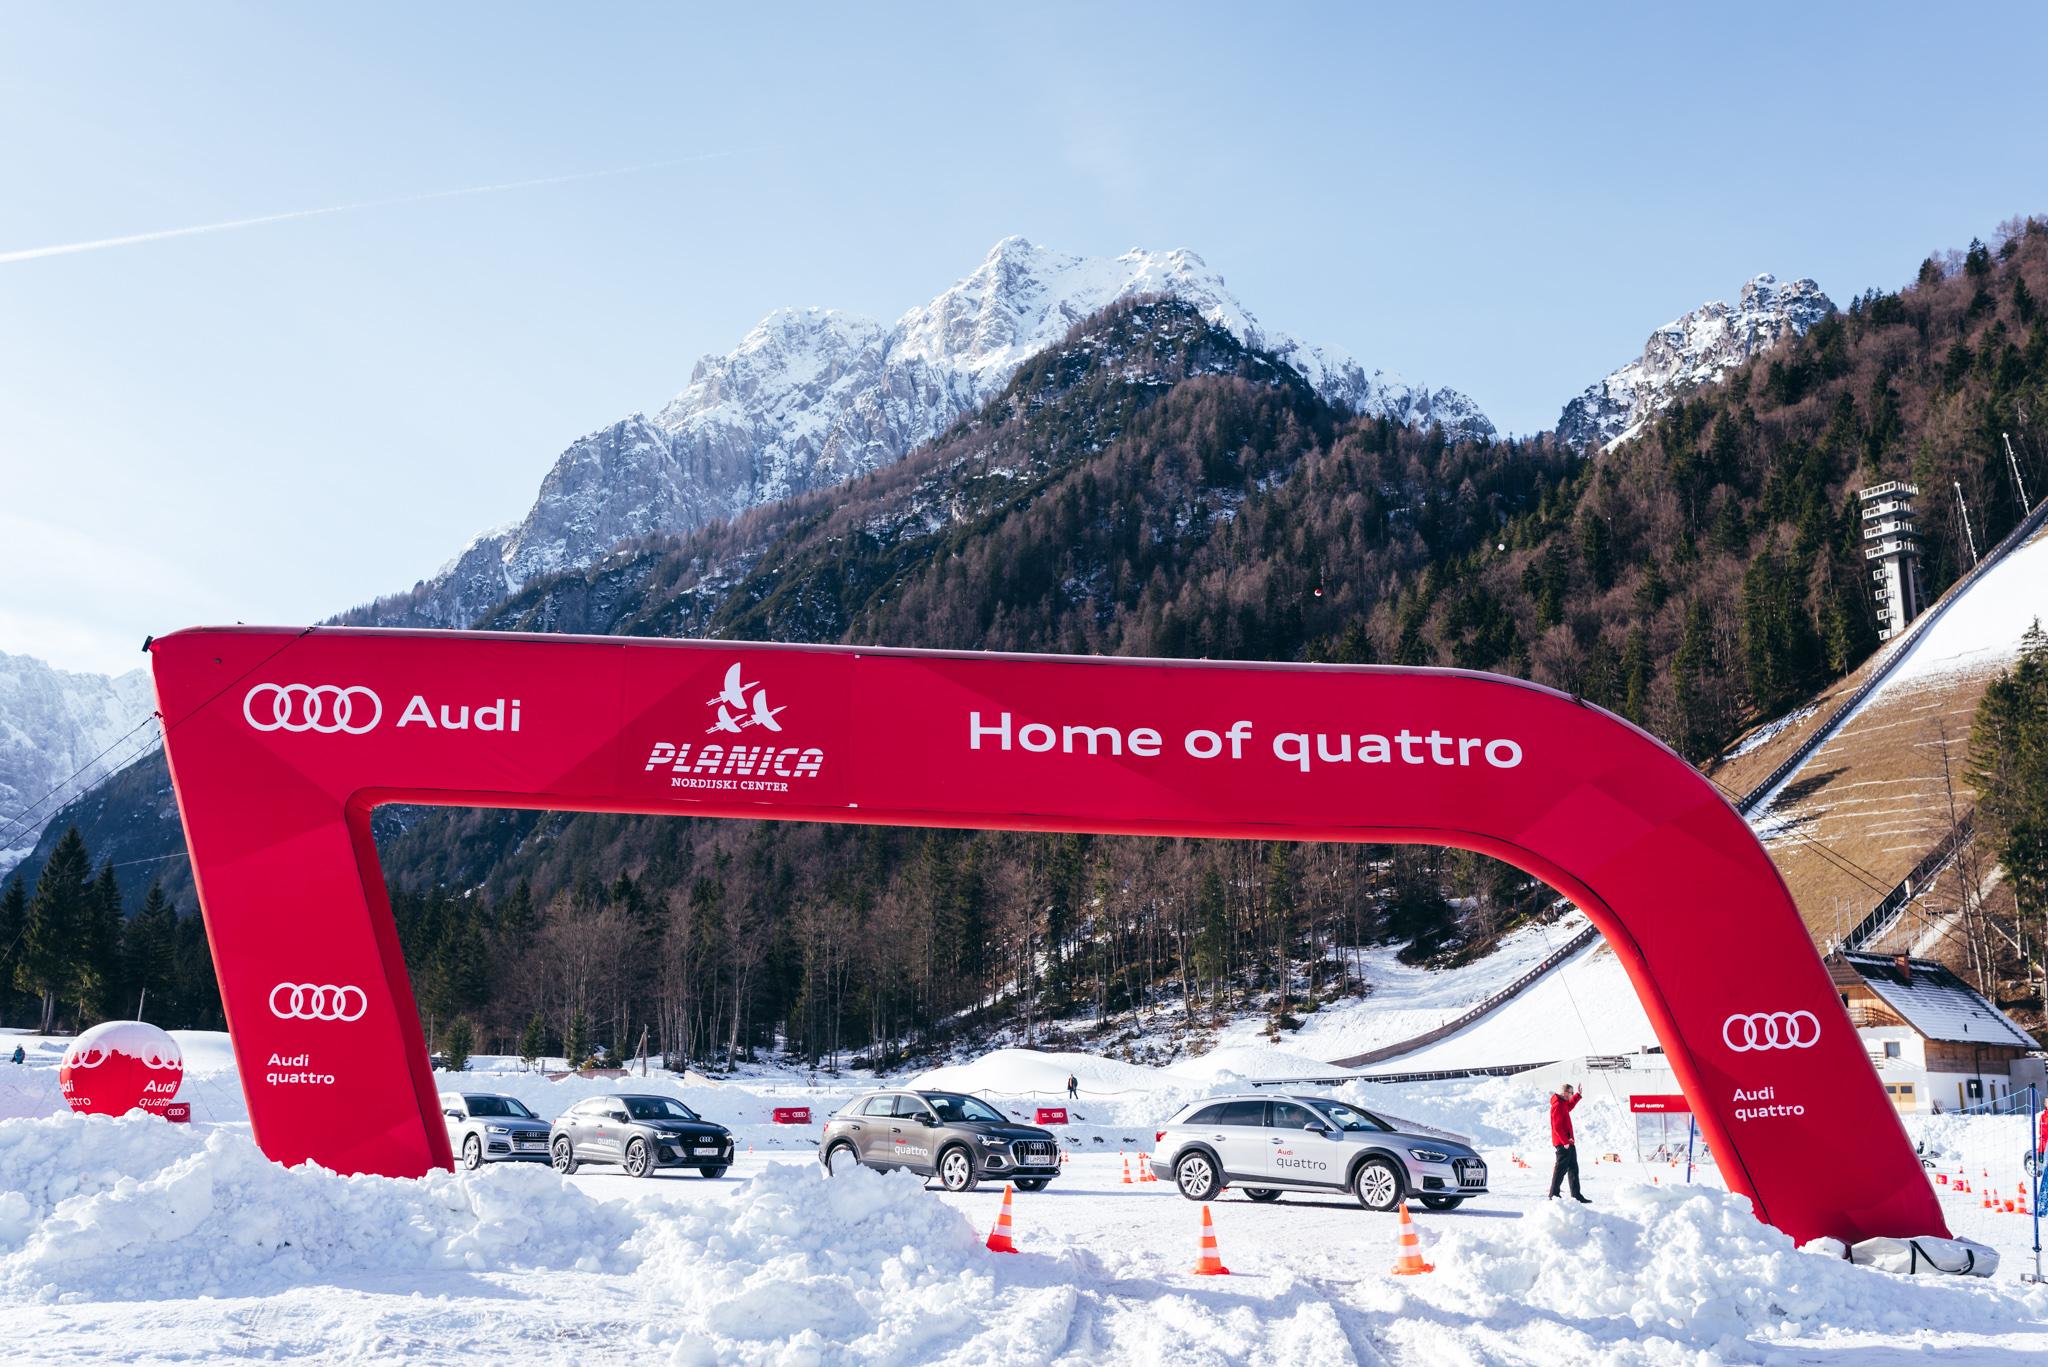 Štiri Audi vozila, pod rdečim obokom na snegu. V ozadju drevesa in zasnežene gore.